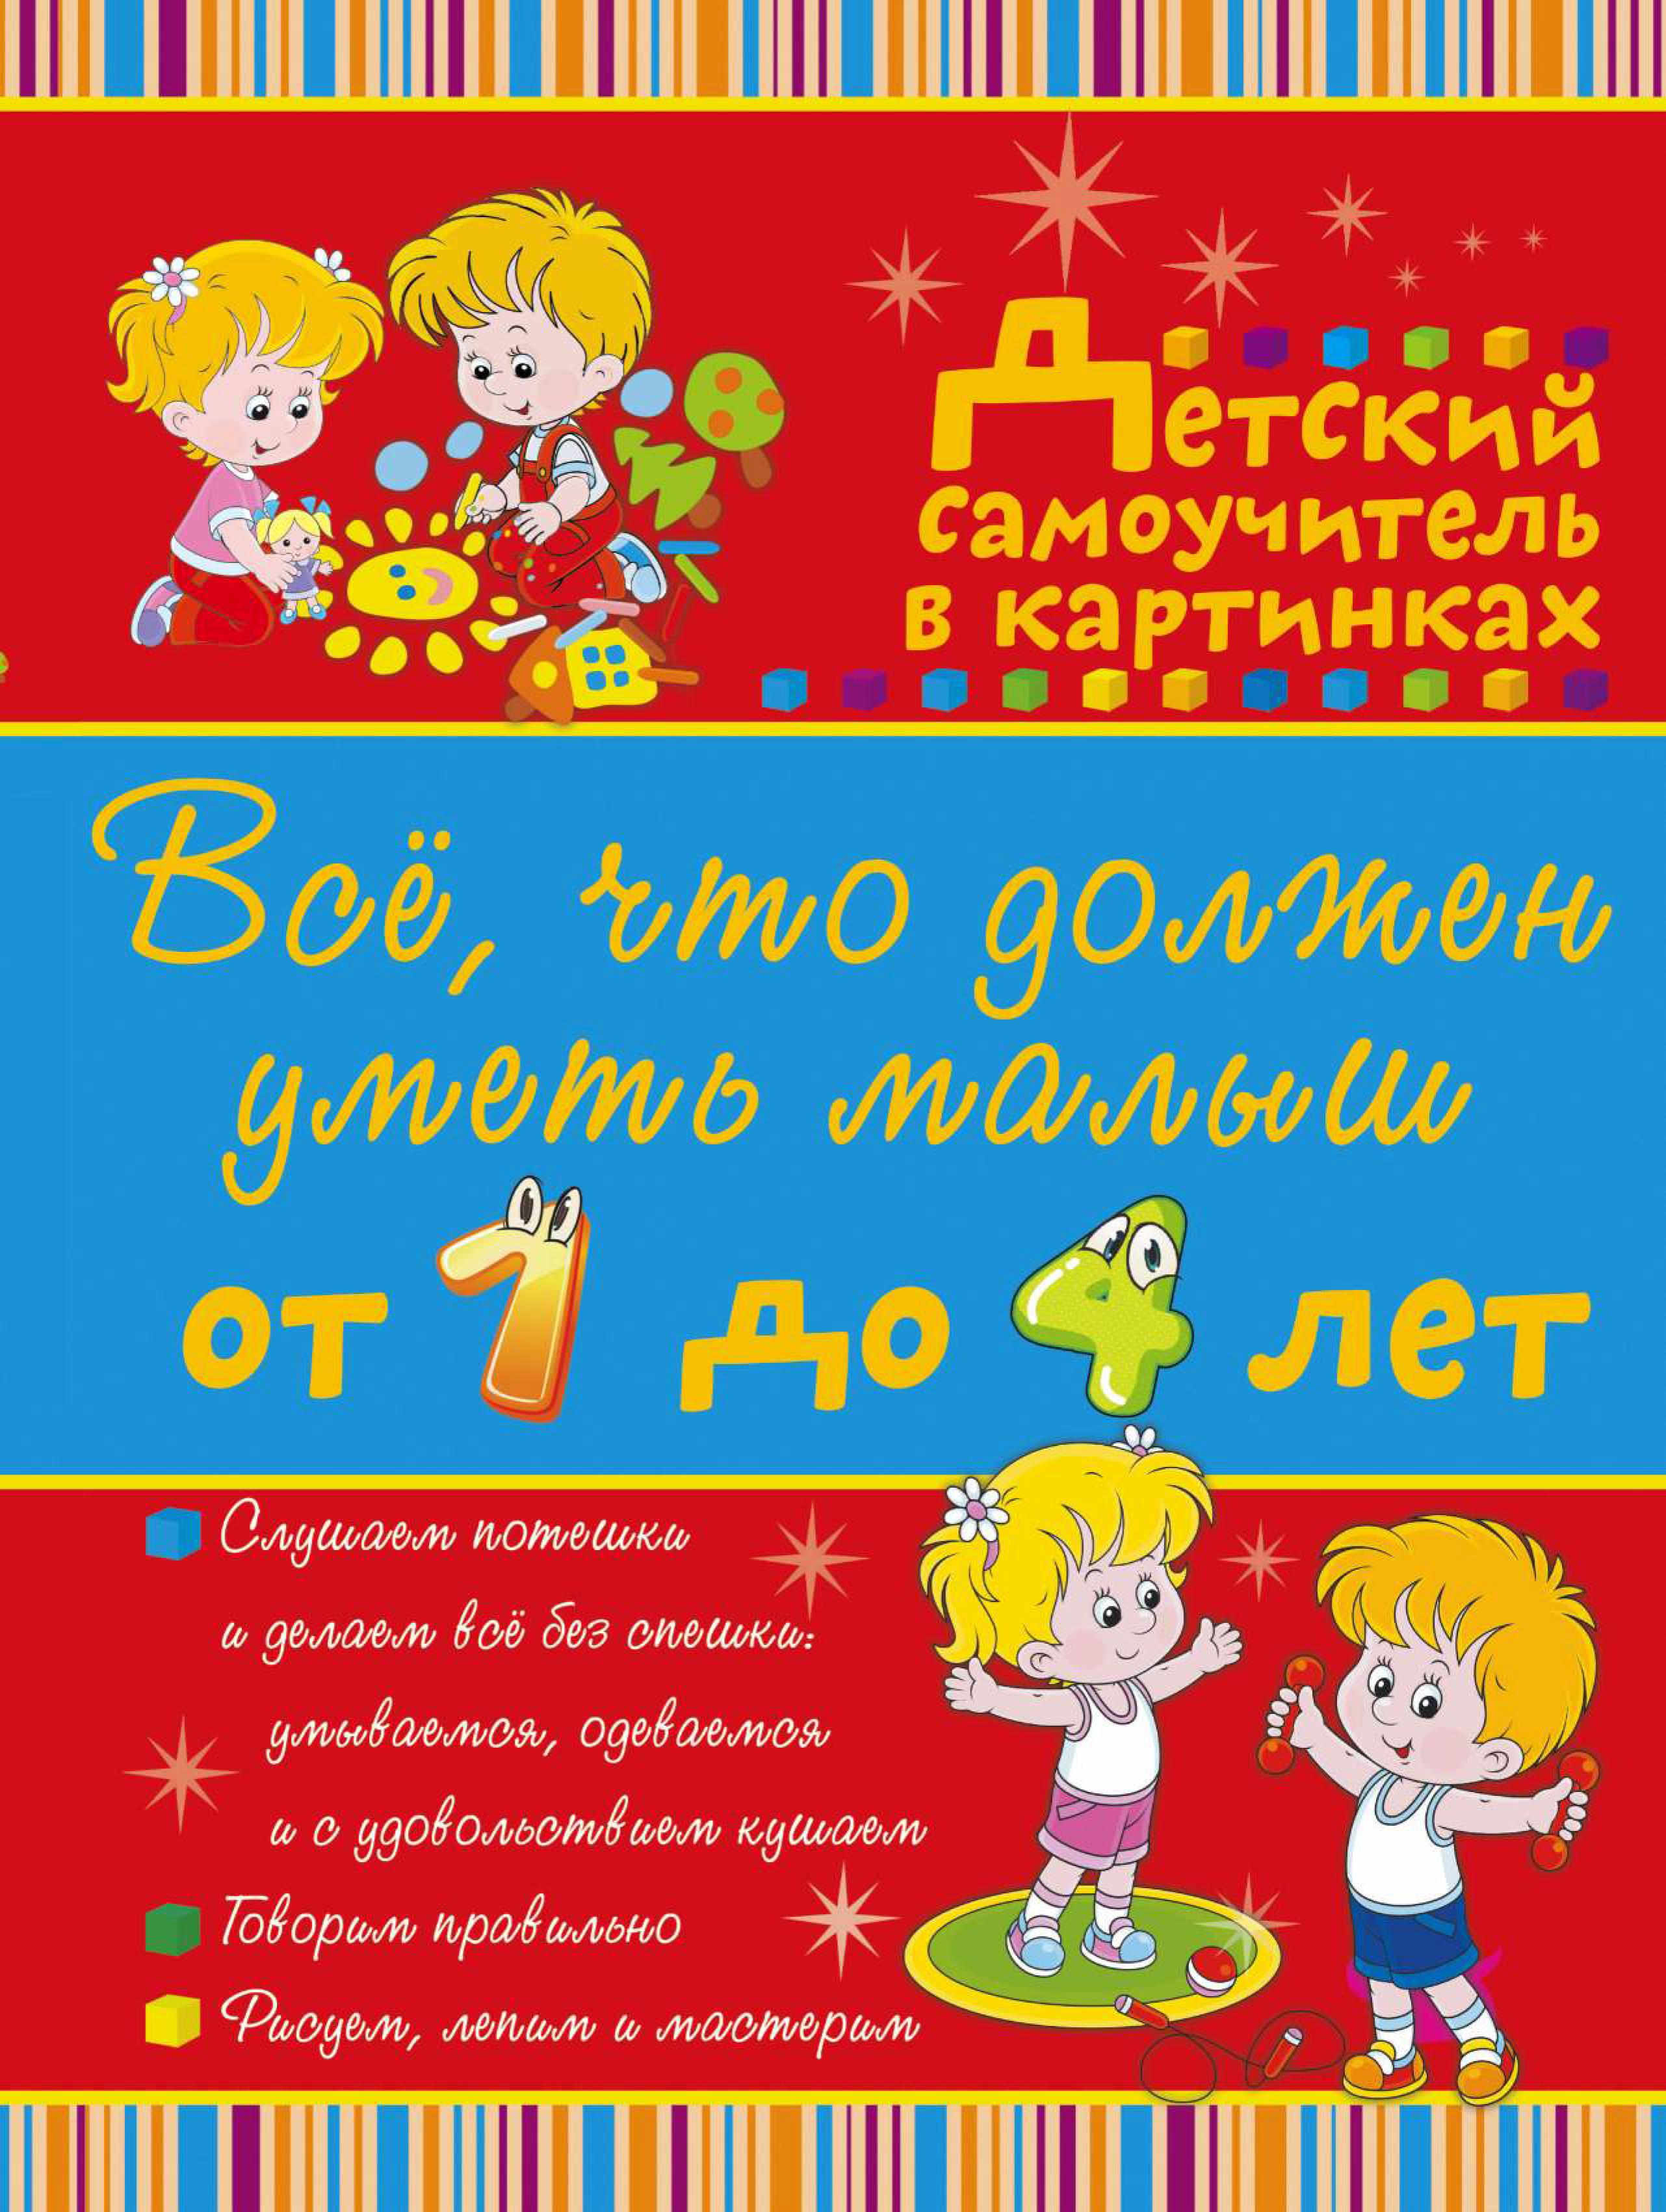 Ирина Никитенко Всё, что должен уметь малыш от 1 до 4 лет. Большой самоучитель для самых маленьких в картинках фадеева в счастливая мама счастливый ребенок вы и ваш малыш от 0 до 1 5 лет